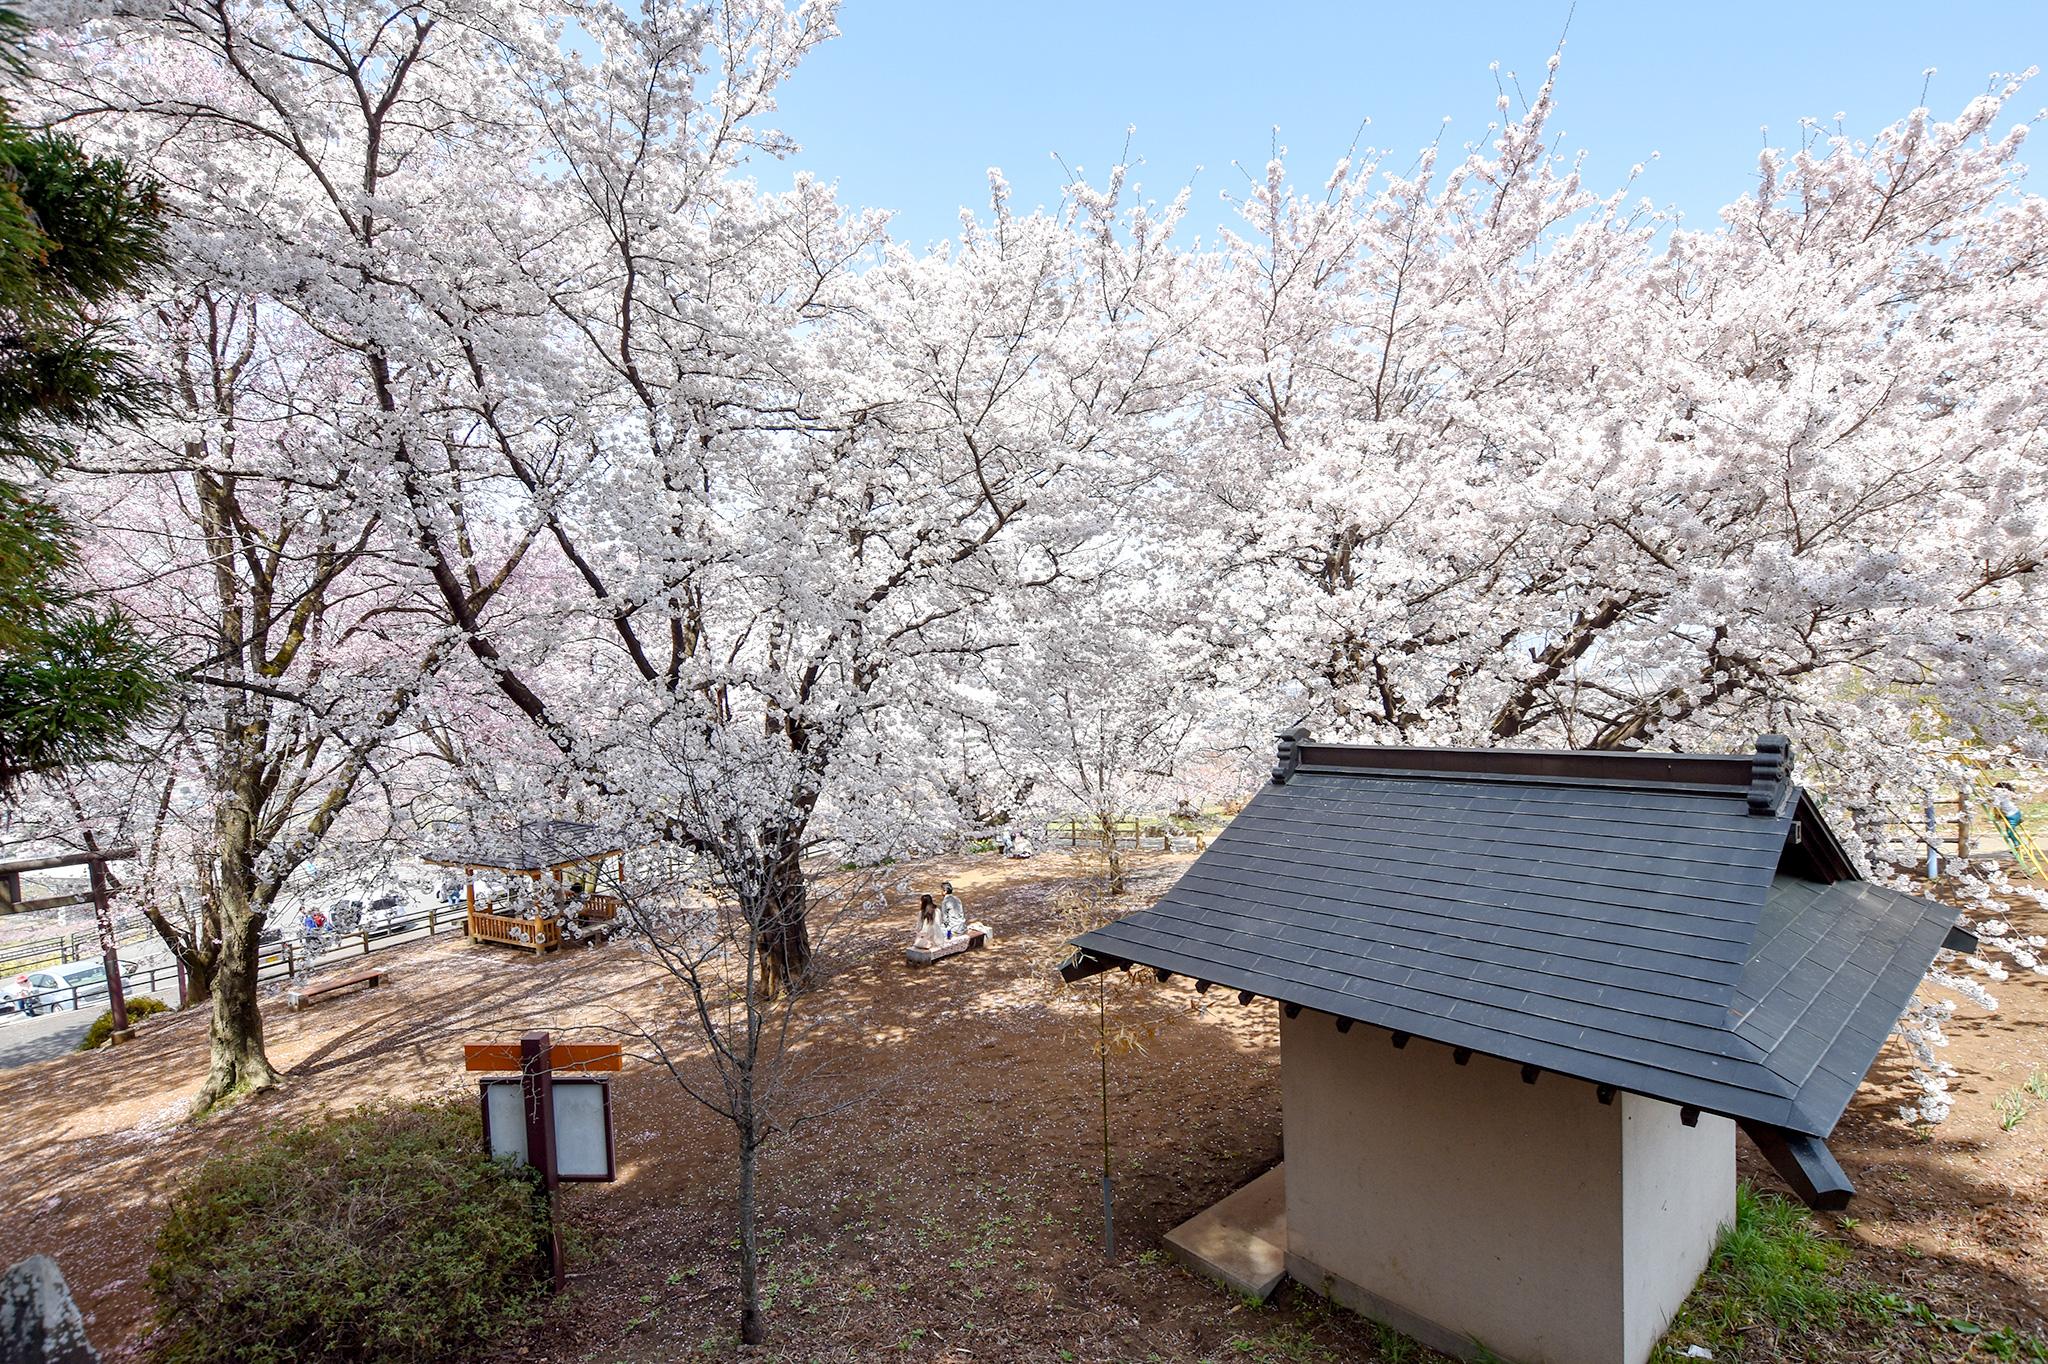 花鳥山一本杉公園の桜 写真3